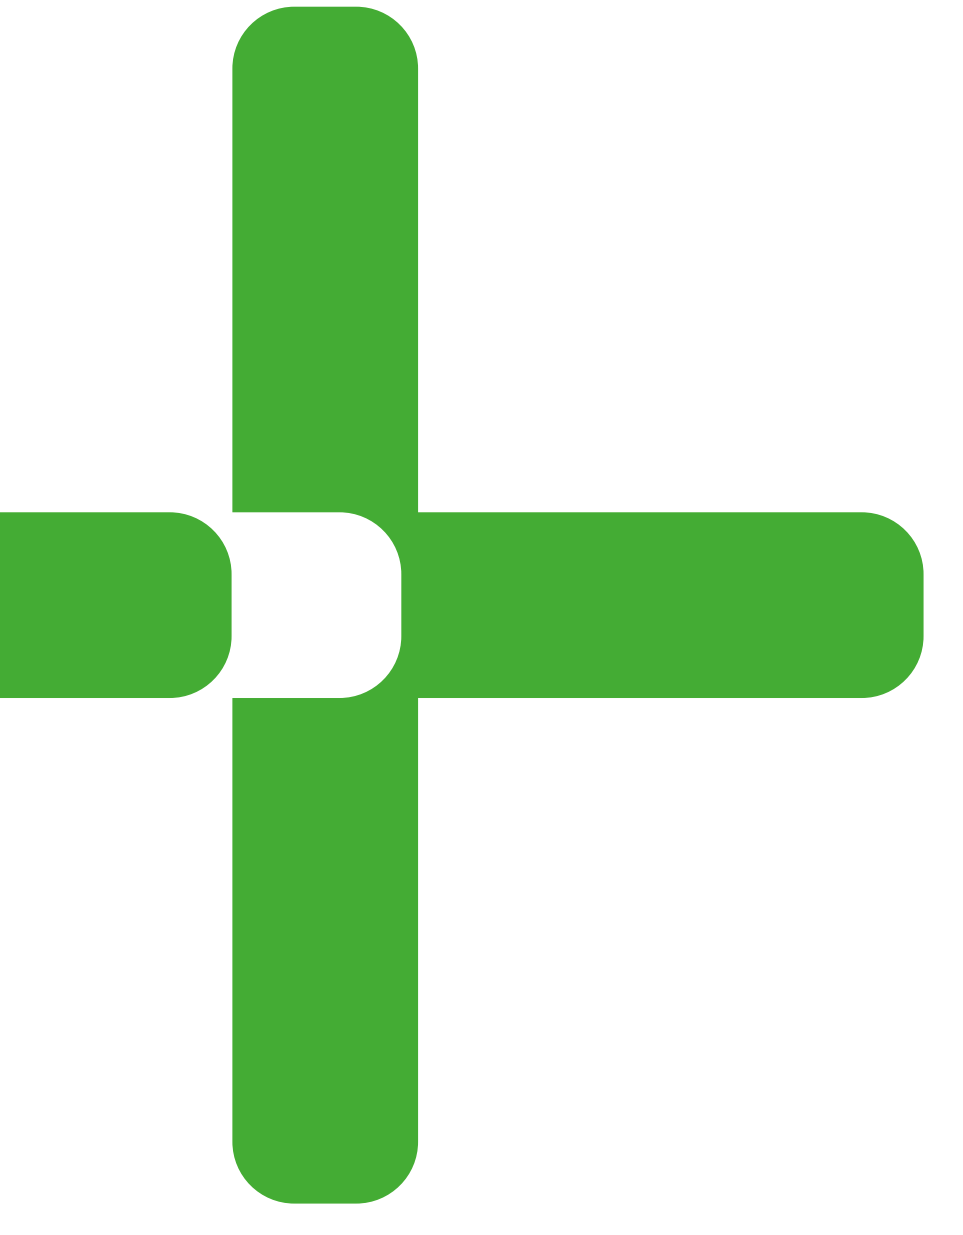 AMDF Plus sign